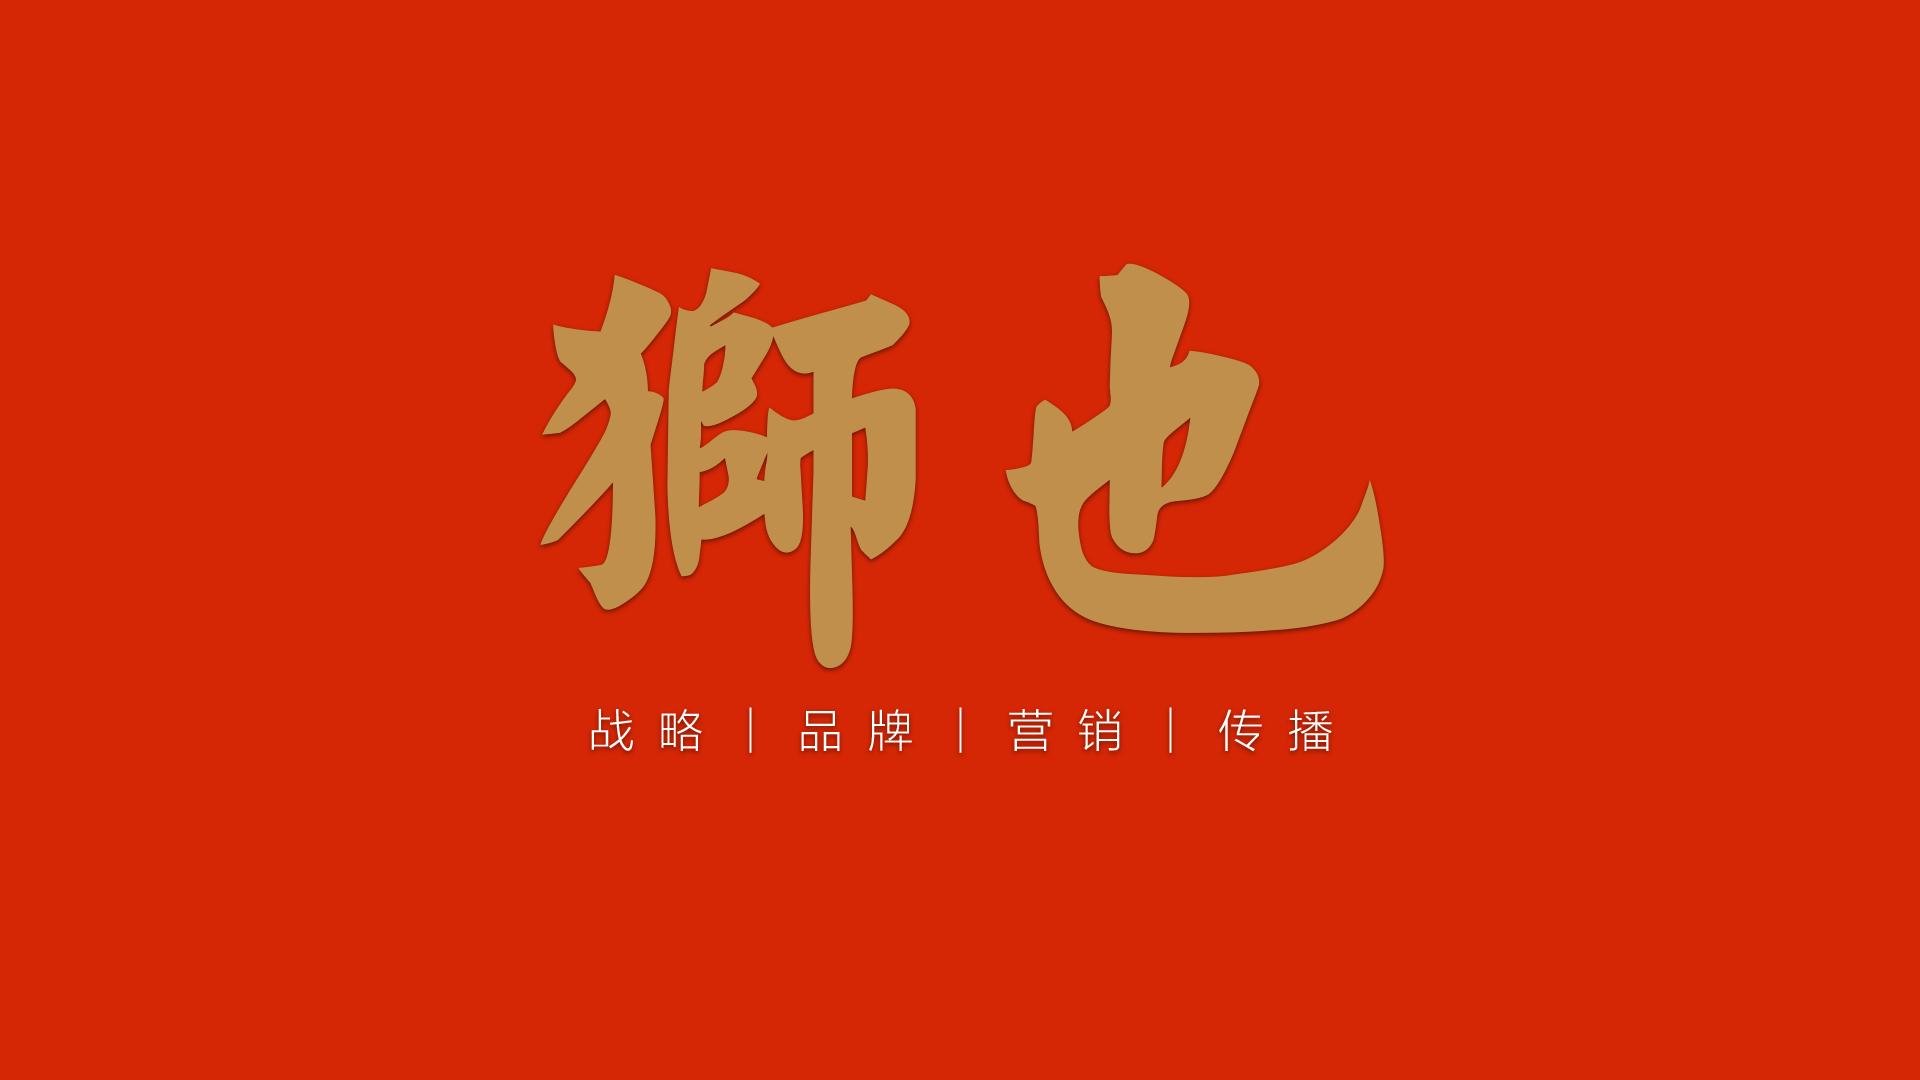 上海营销策划公司—如何建立社群 如何评价一个社群的好坏(上)